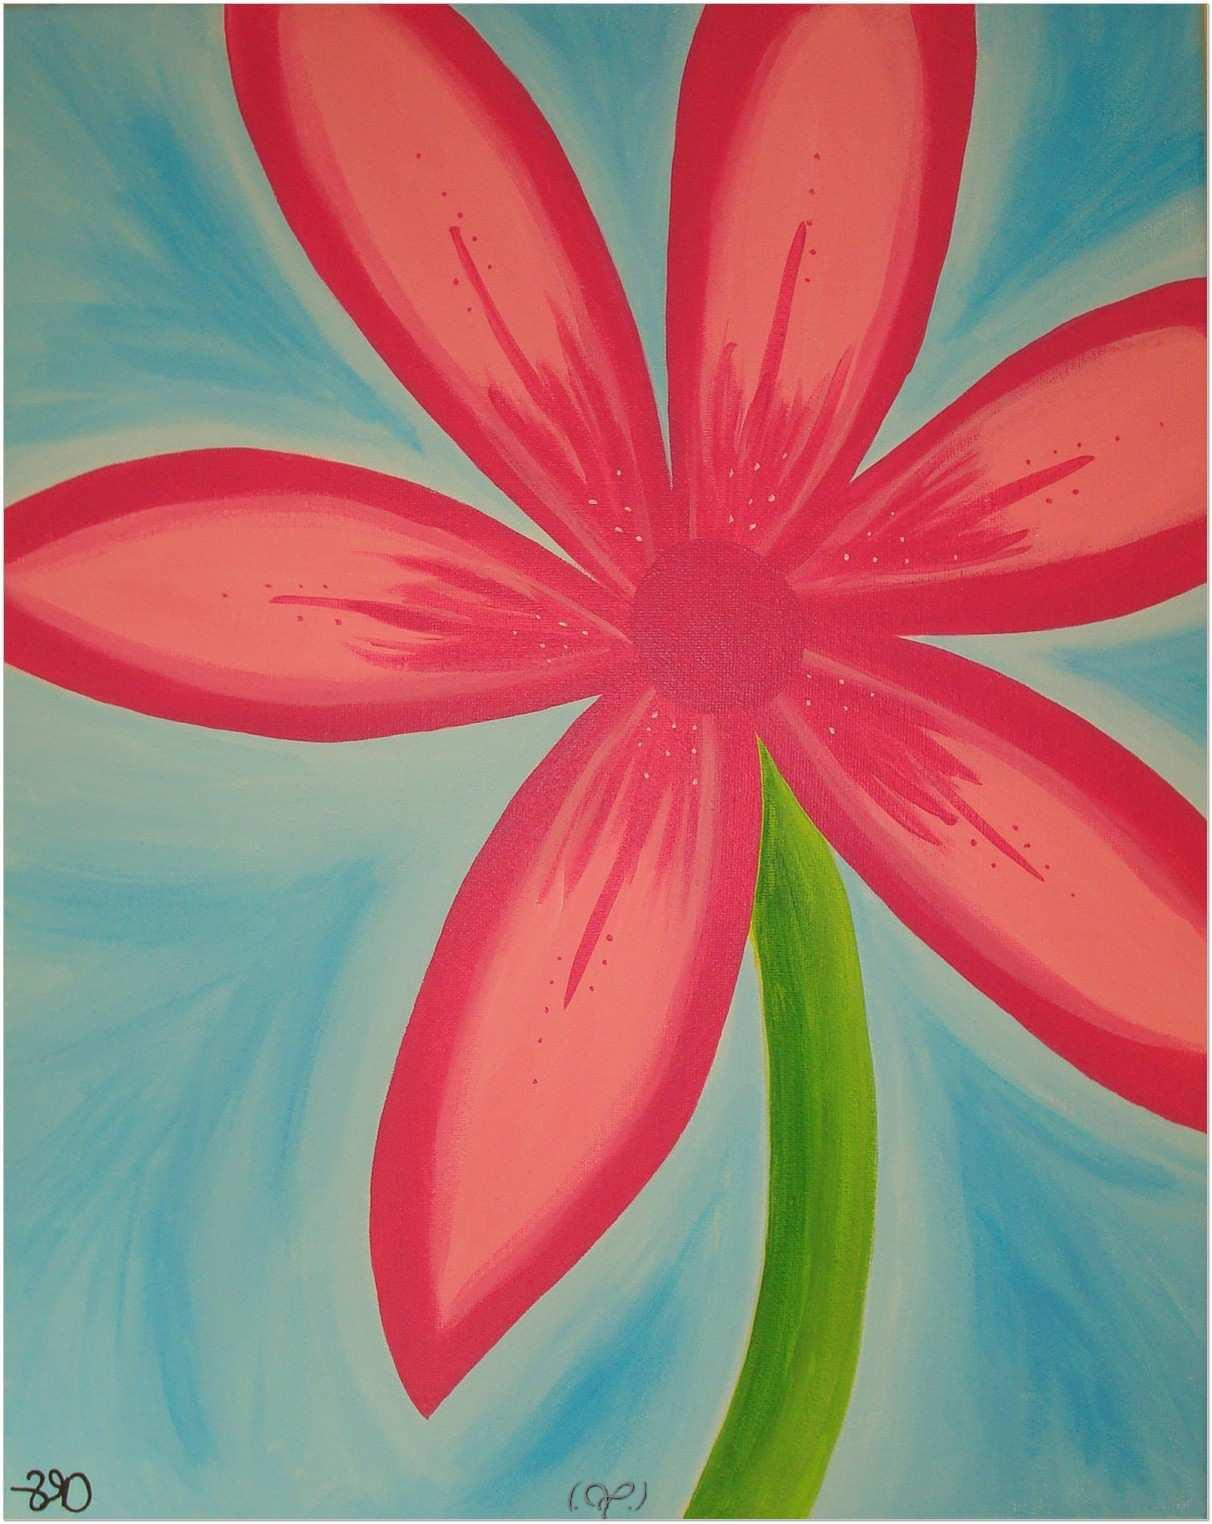 Gambar Lukisan Mudah : gambar, lukisan, mudah, Gambar, Lukisan, Mudah, Cikimm.com